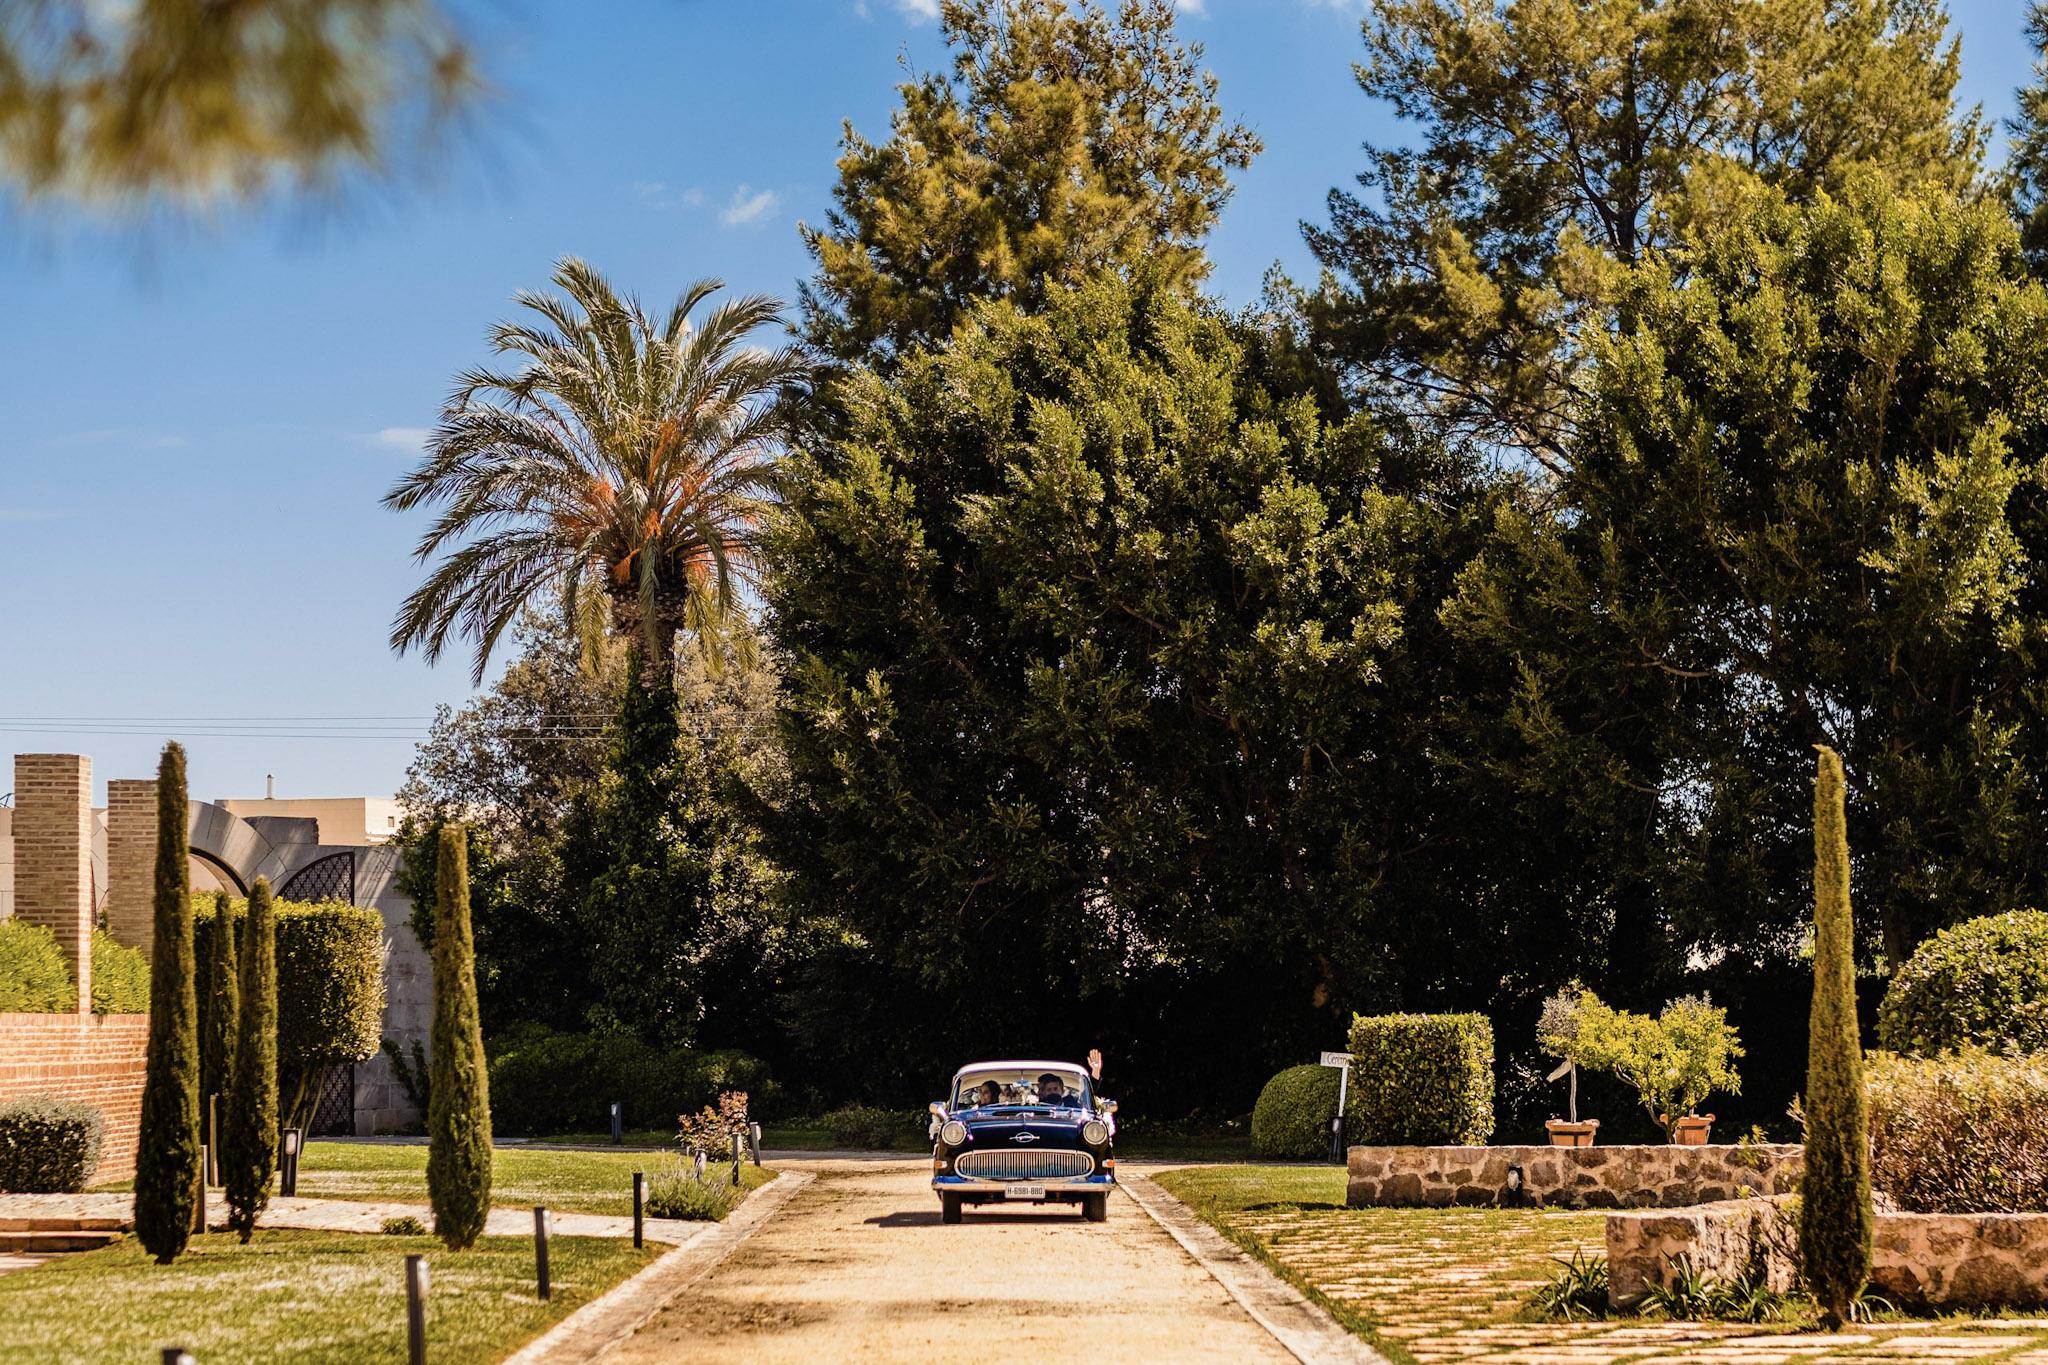 Boda Valencia, Ceremonia Boda Valencia, Banquete Boda Valencia, Masía Boda en Valencia